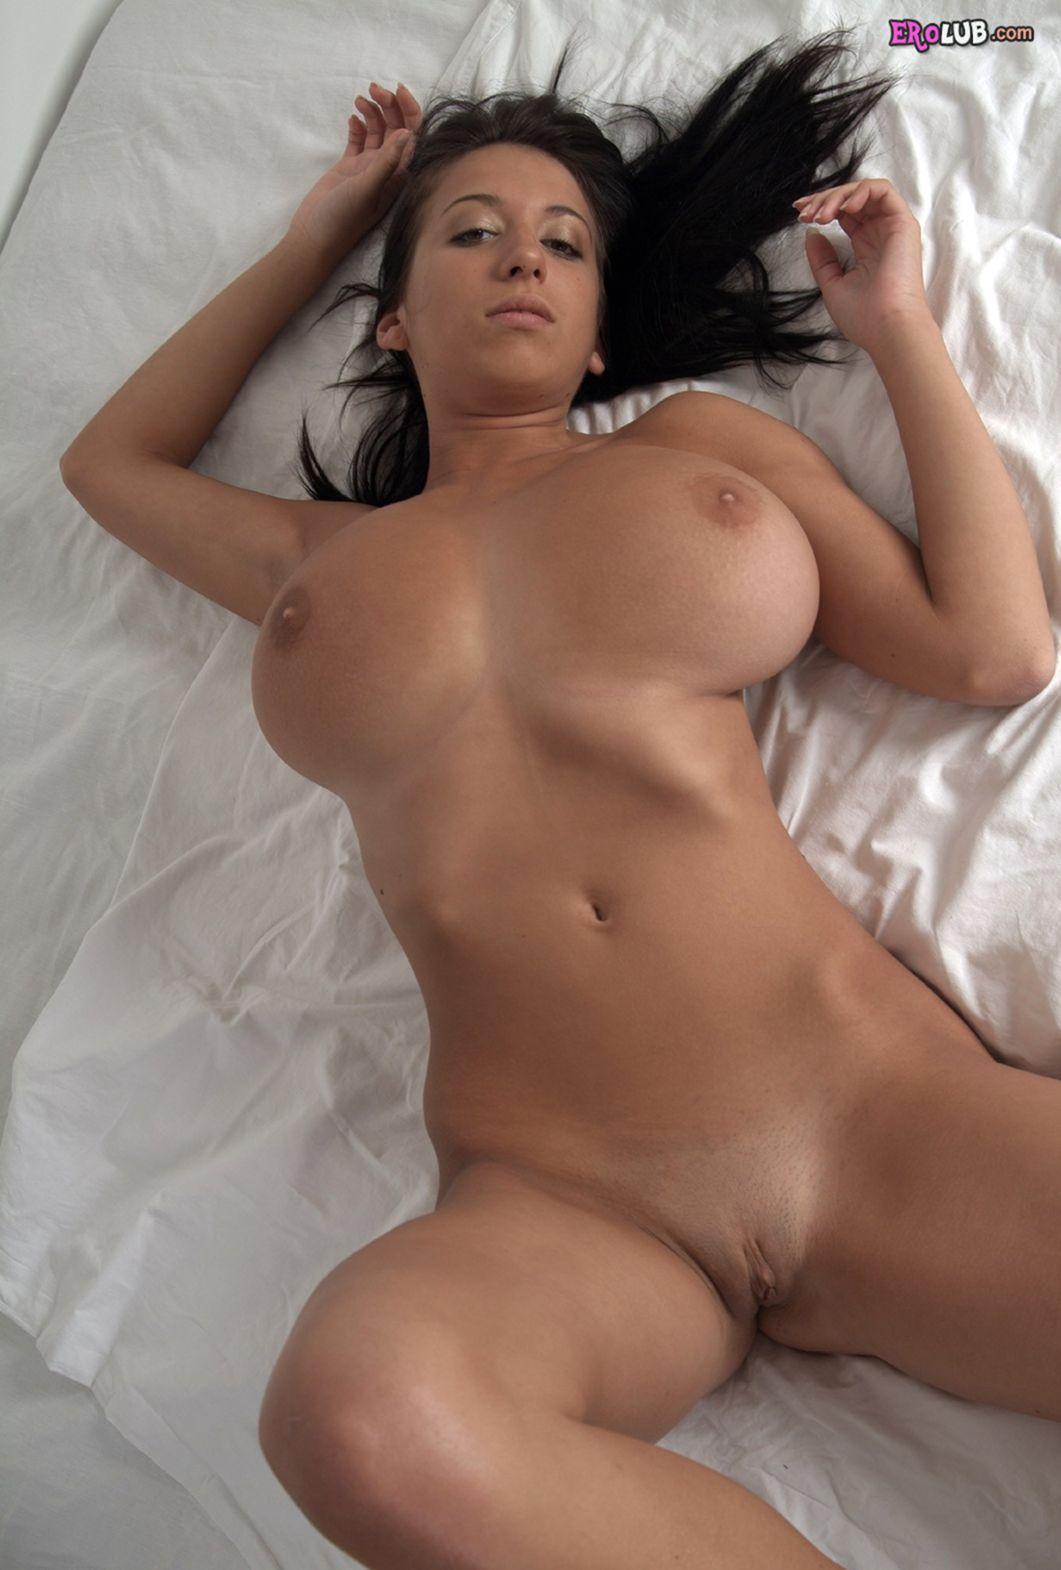 Фото девушки большие сиски 19 фотография